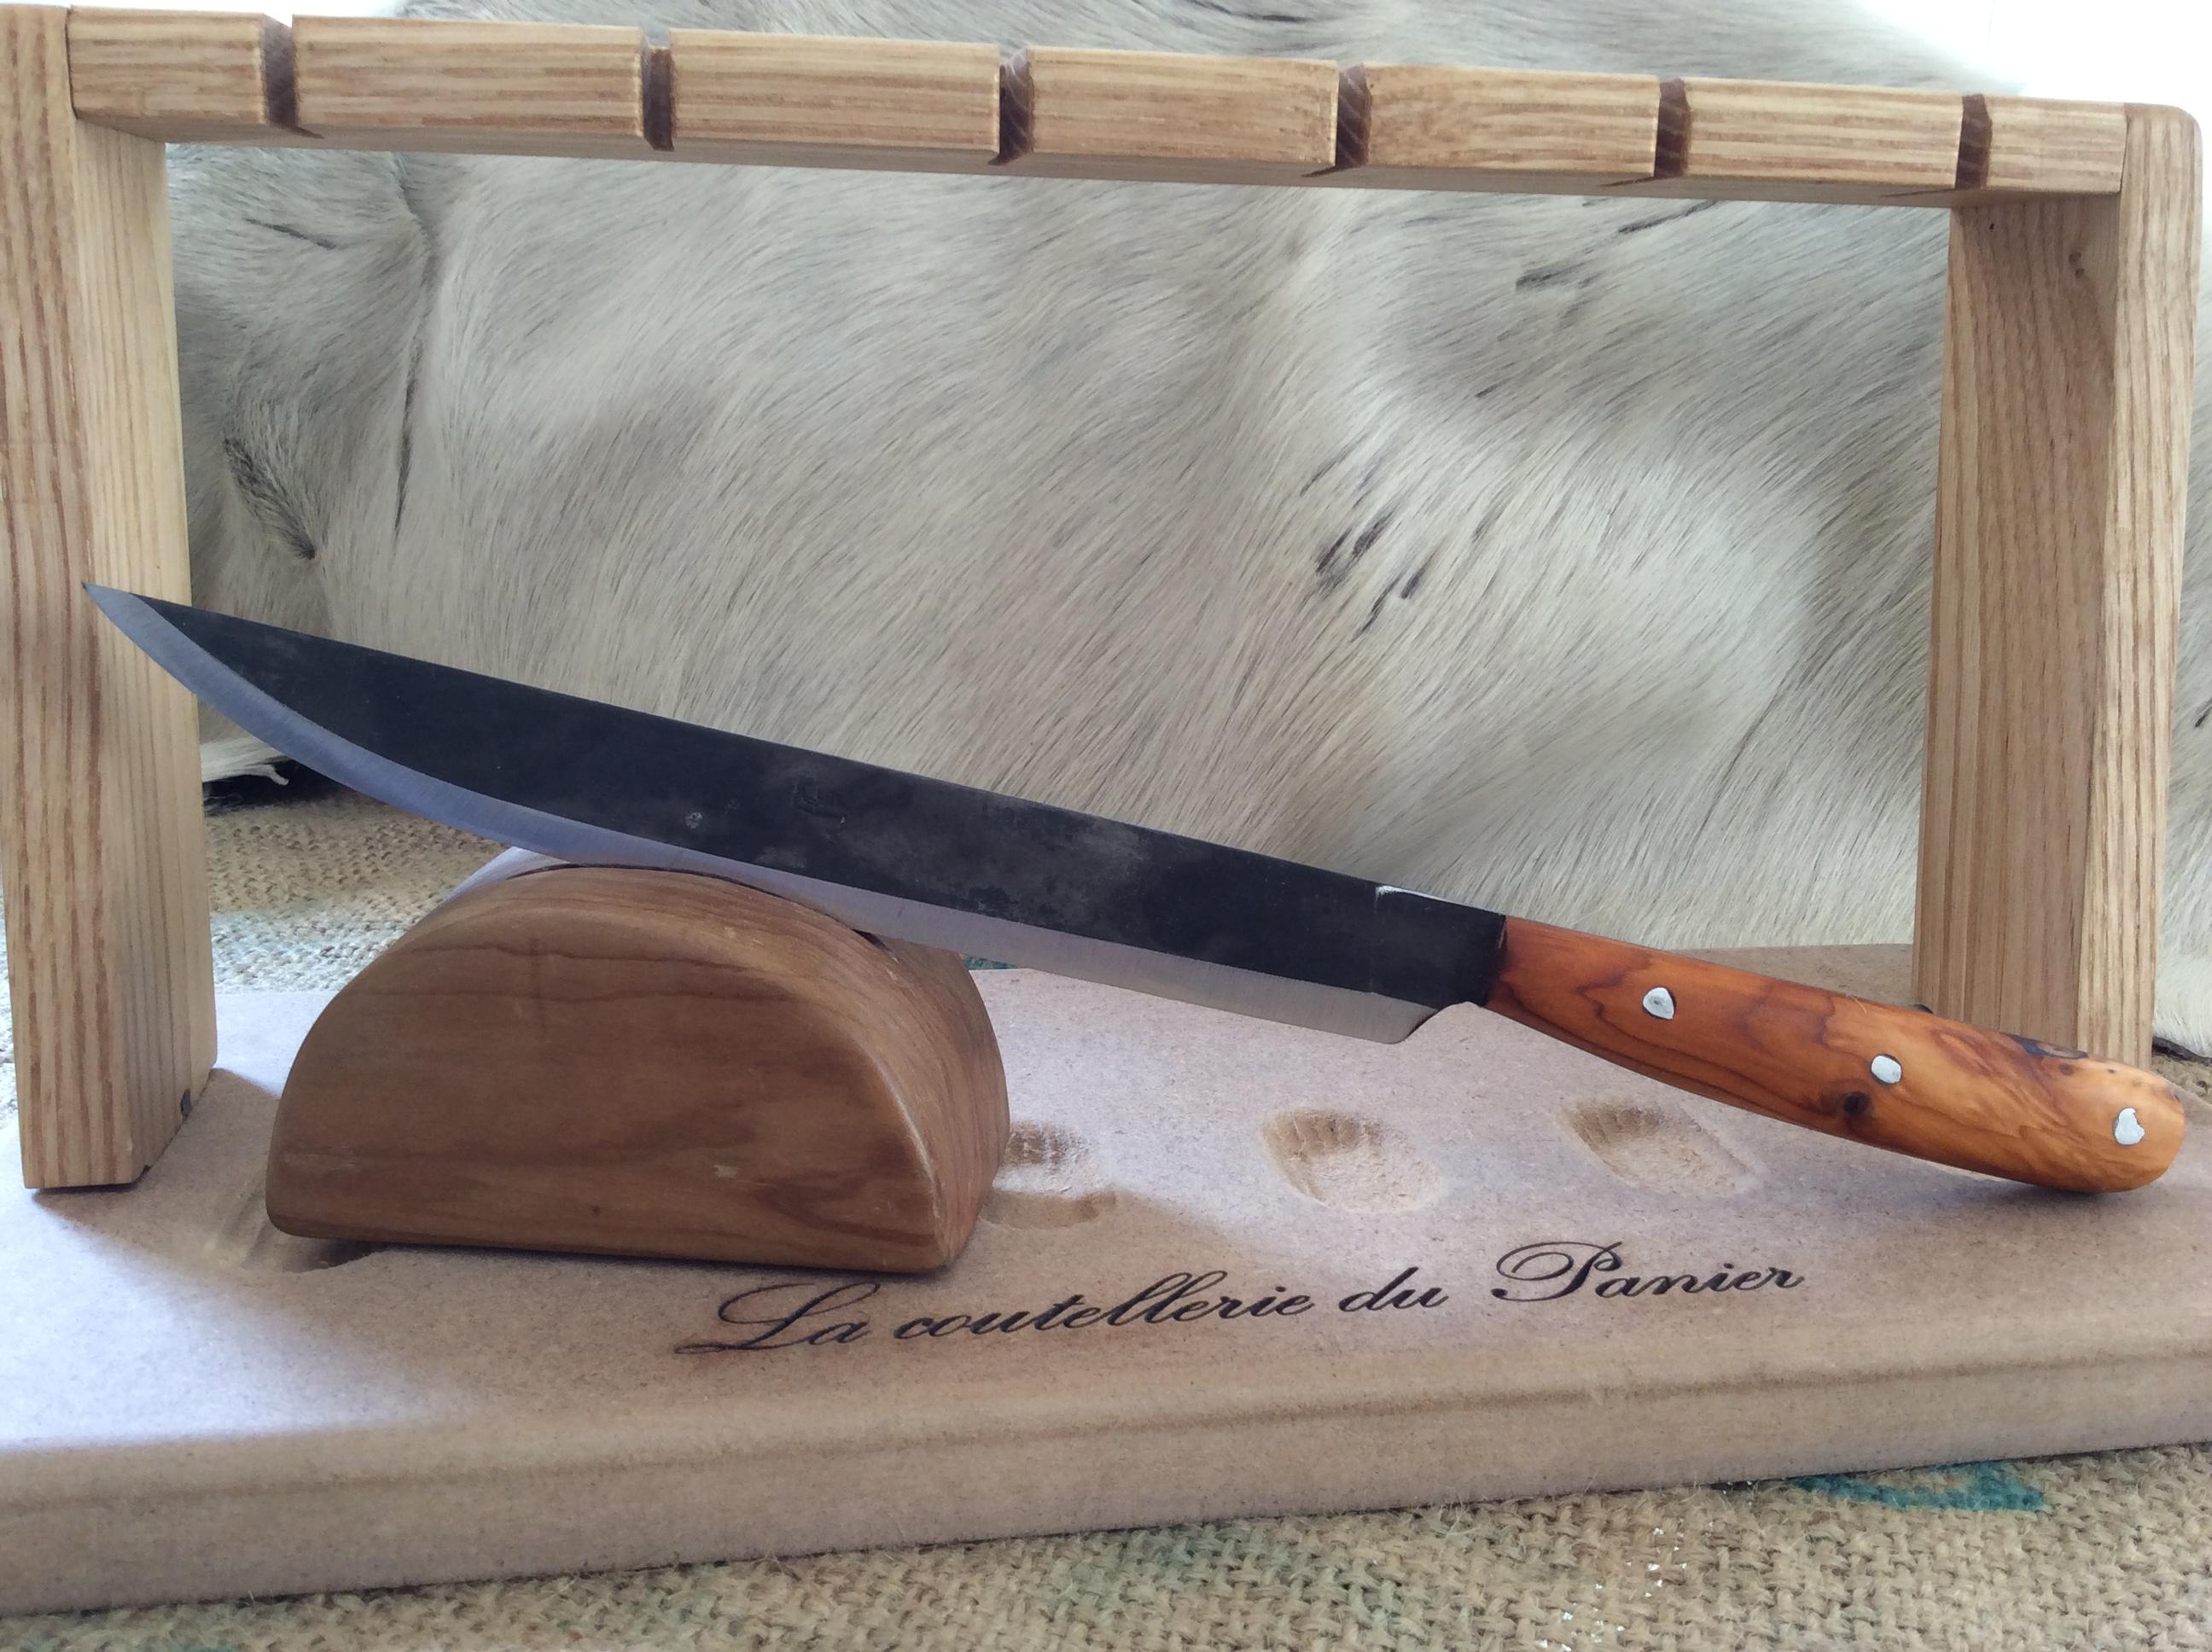 Couteau de Cuisine Ref C 0420/05